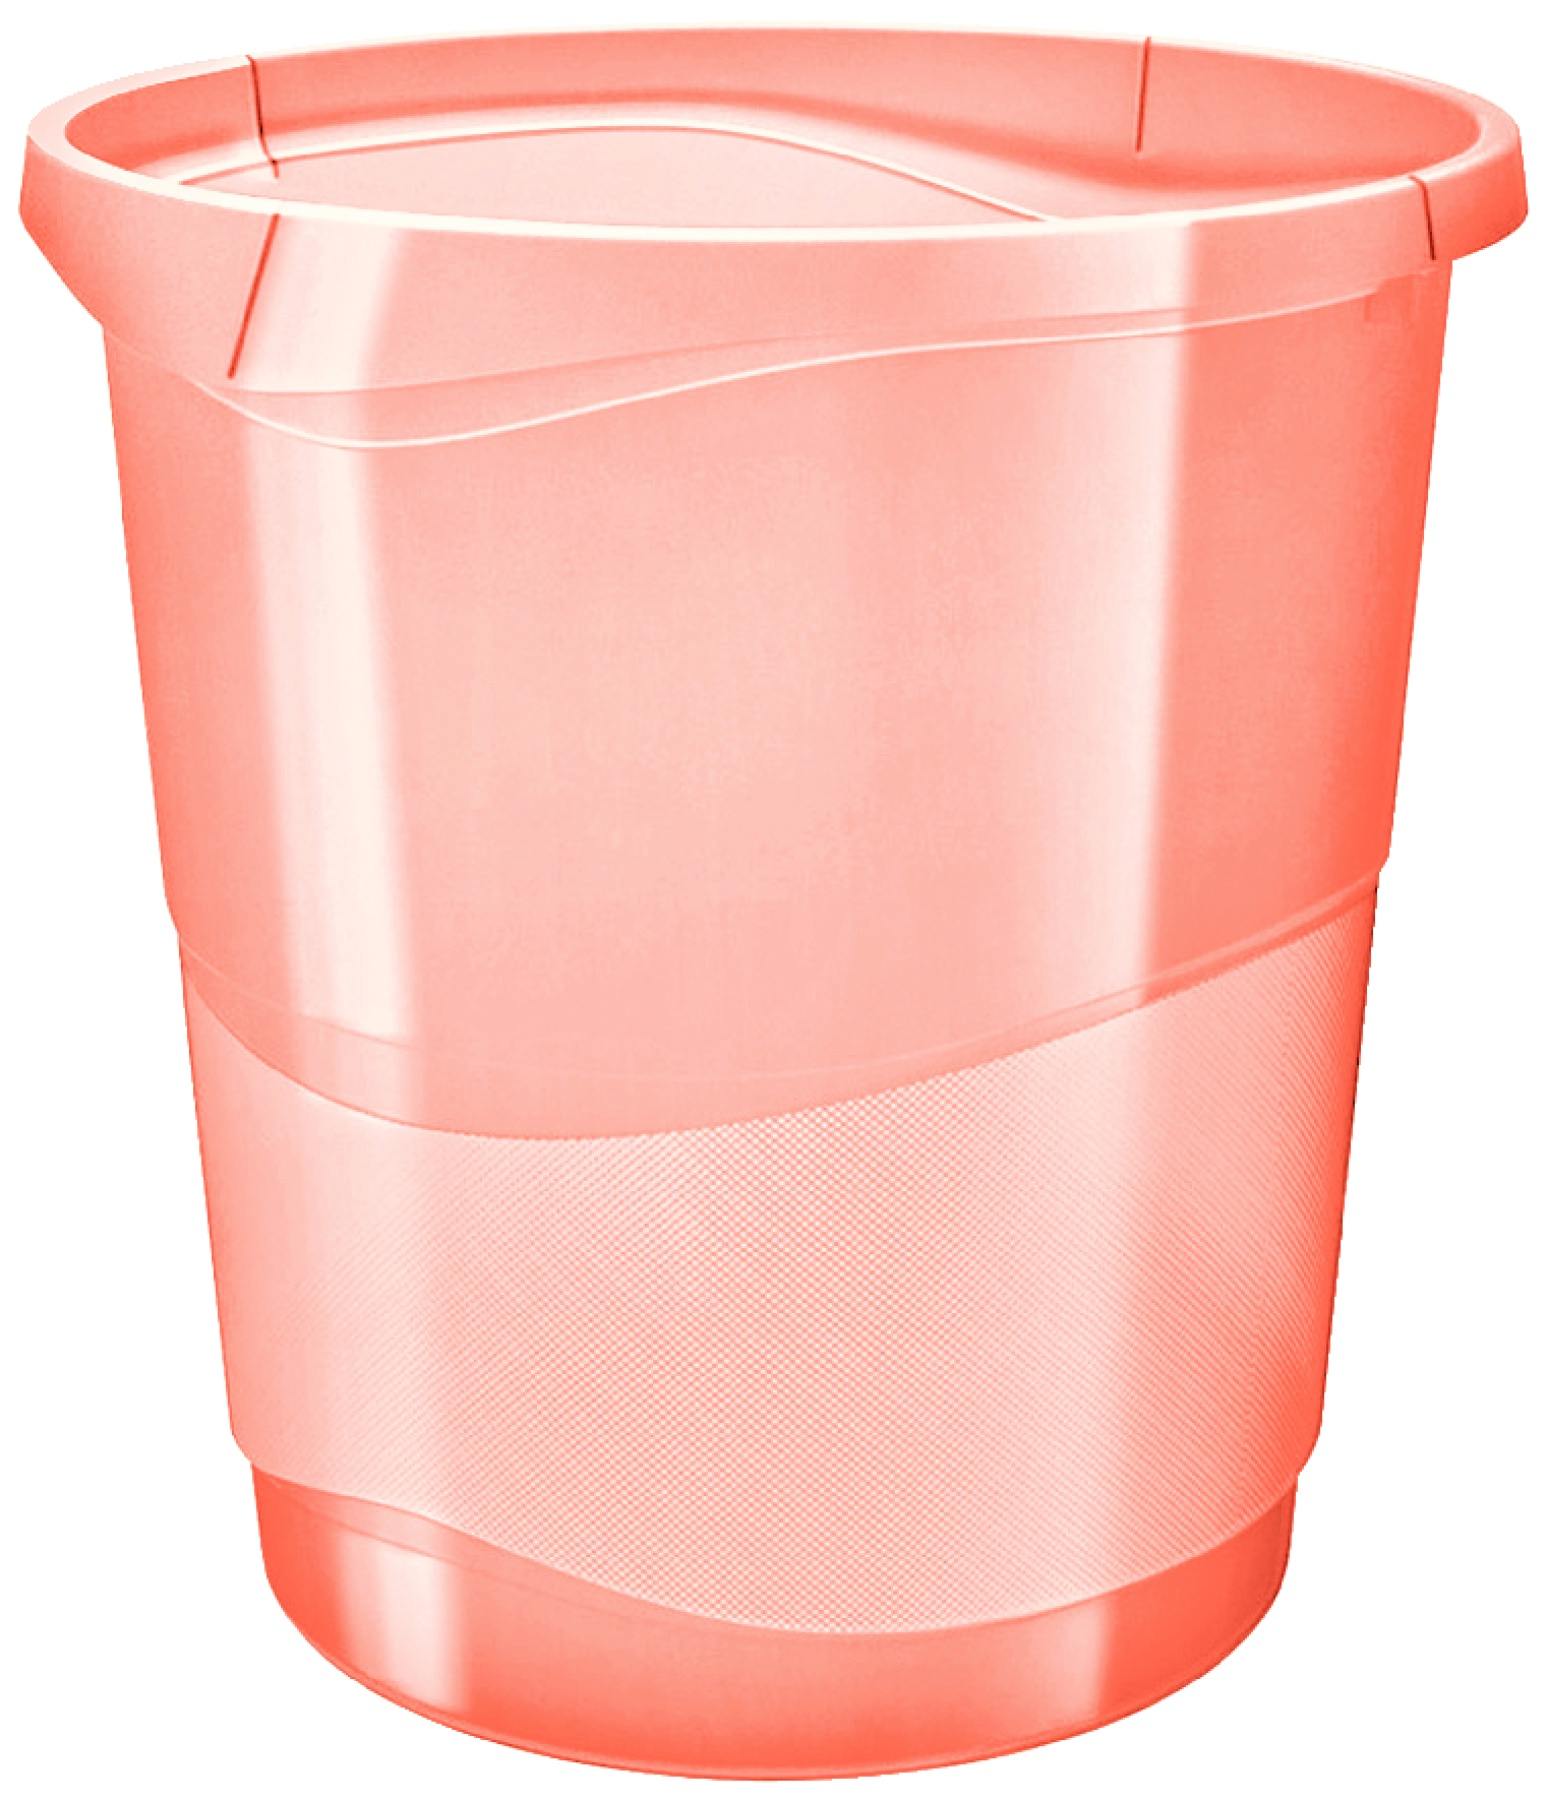 Корзина для мусора Esselte Colour'Ice, абрикосовый, 14 л корзина для бумаг цельнолитая синяя 13 литров